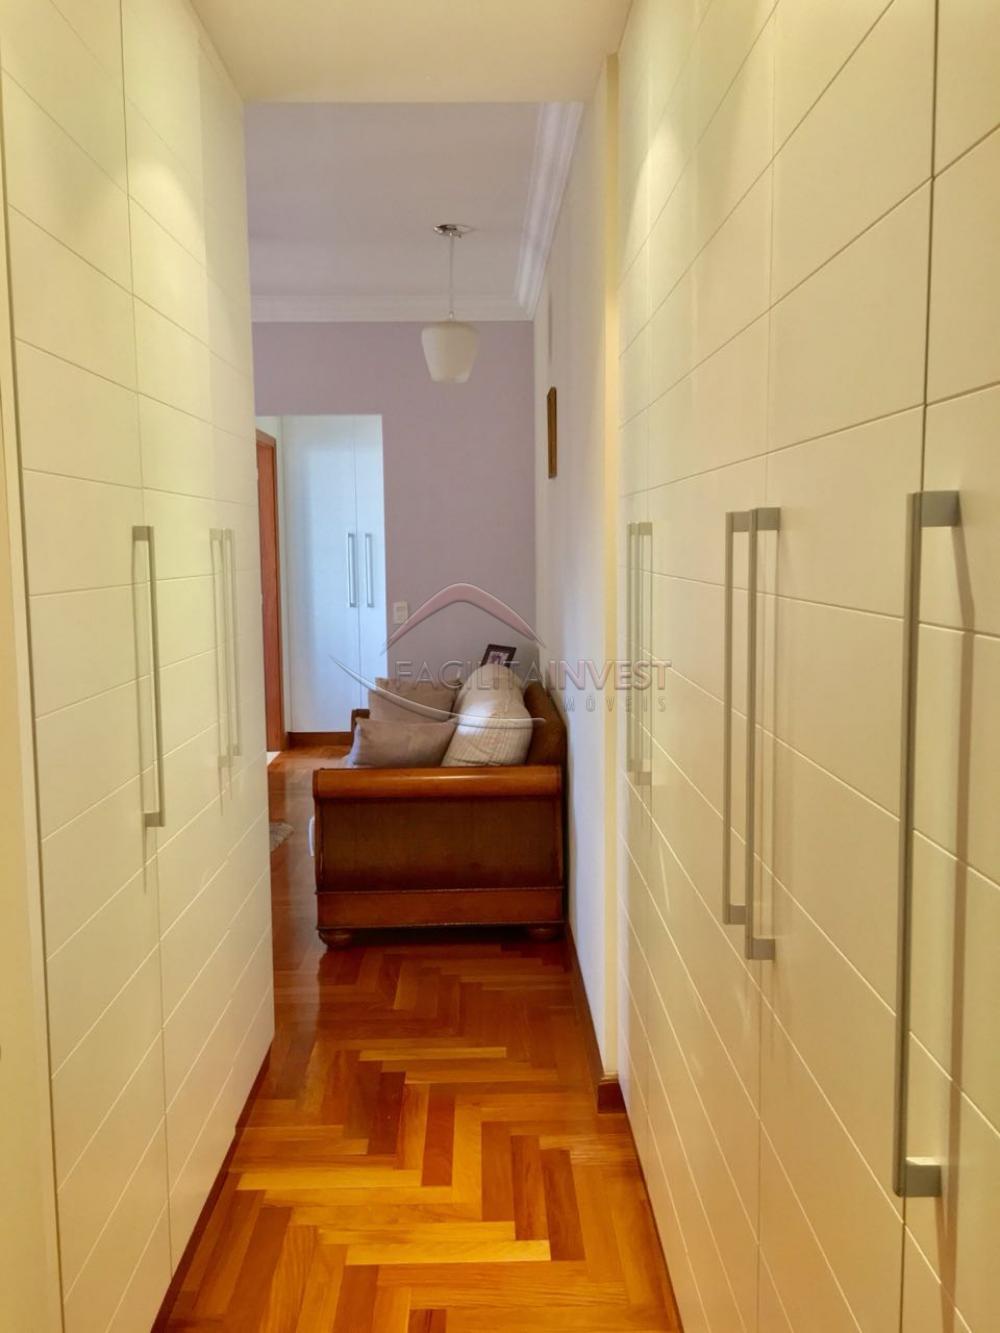 Alugar Apartamentos / Apart. Padrão em Ribeirão Preto apenas R$ 4.500,00 - Foto 20